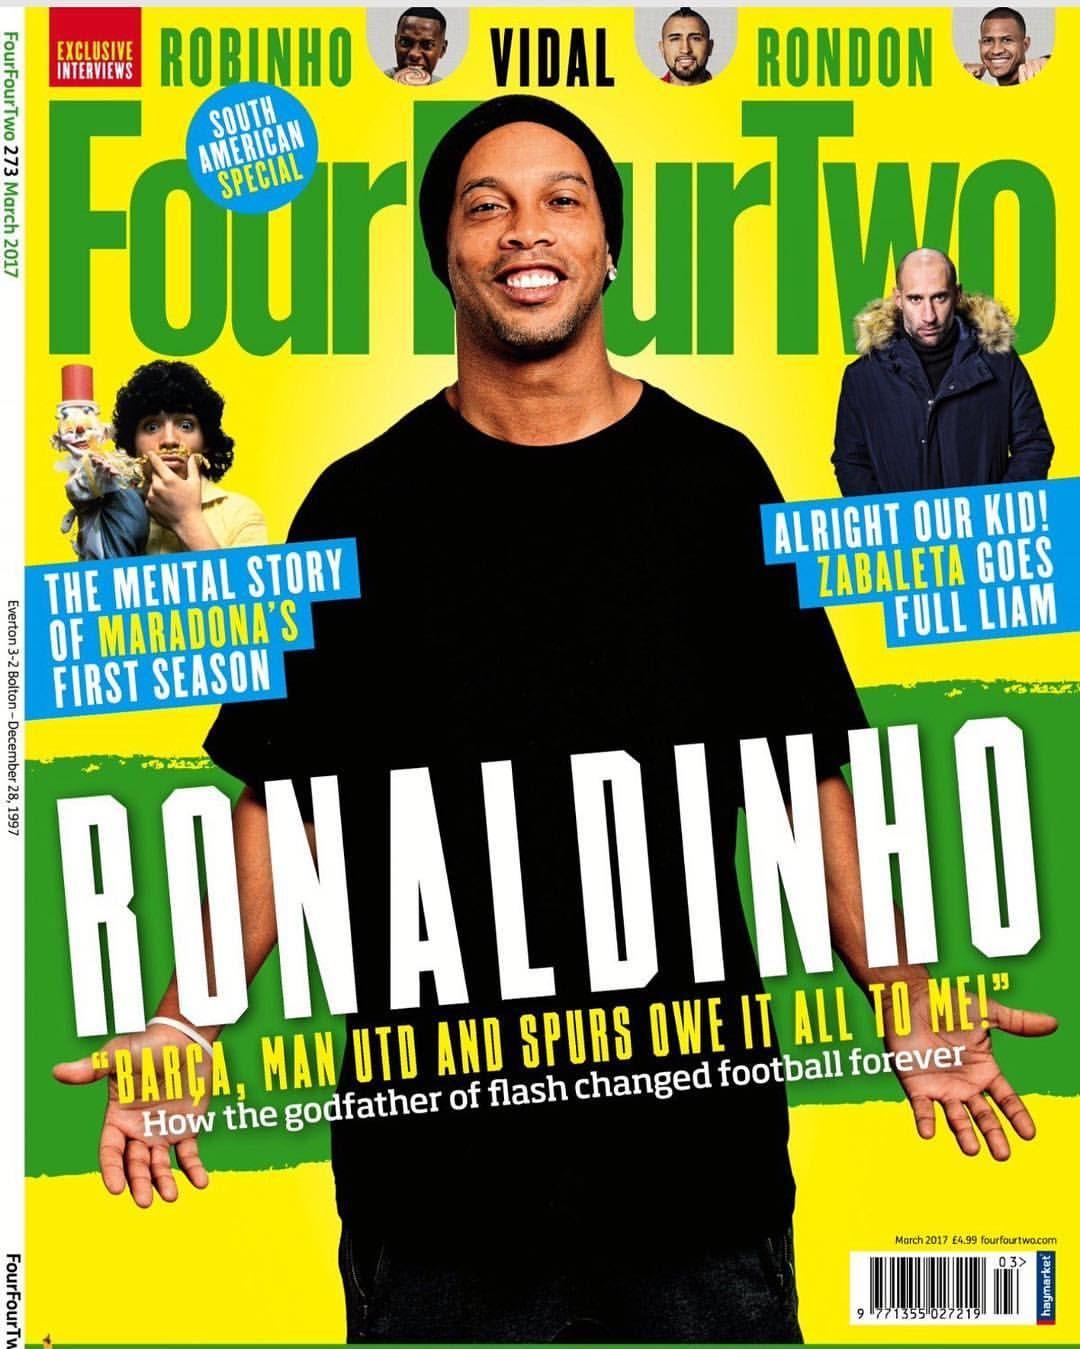 Galera, leiam a última edição da revista FourFourTwo! Tem uma